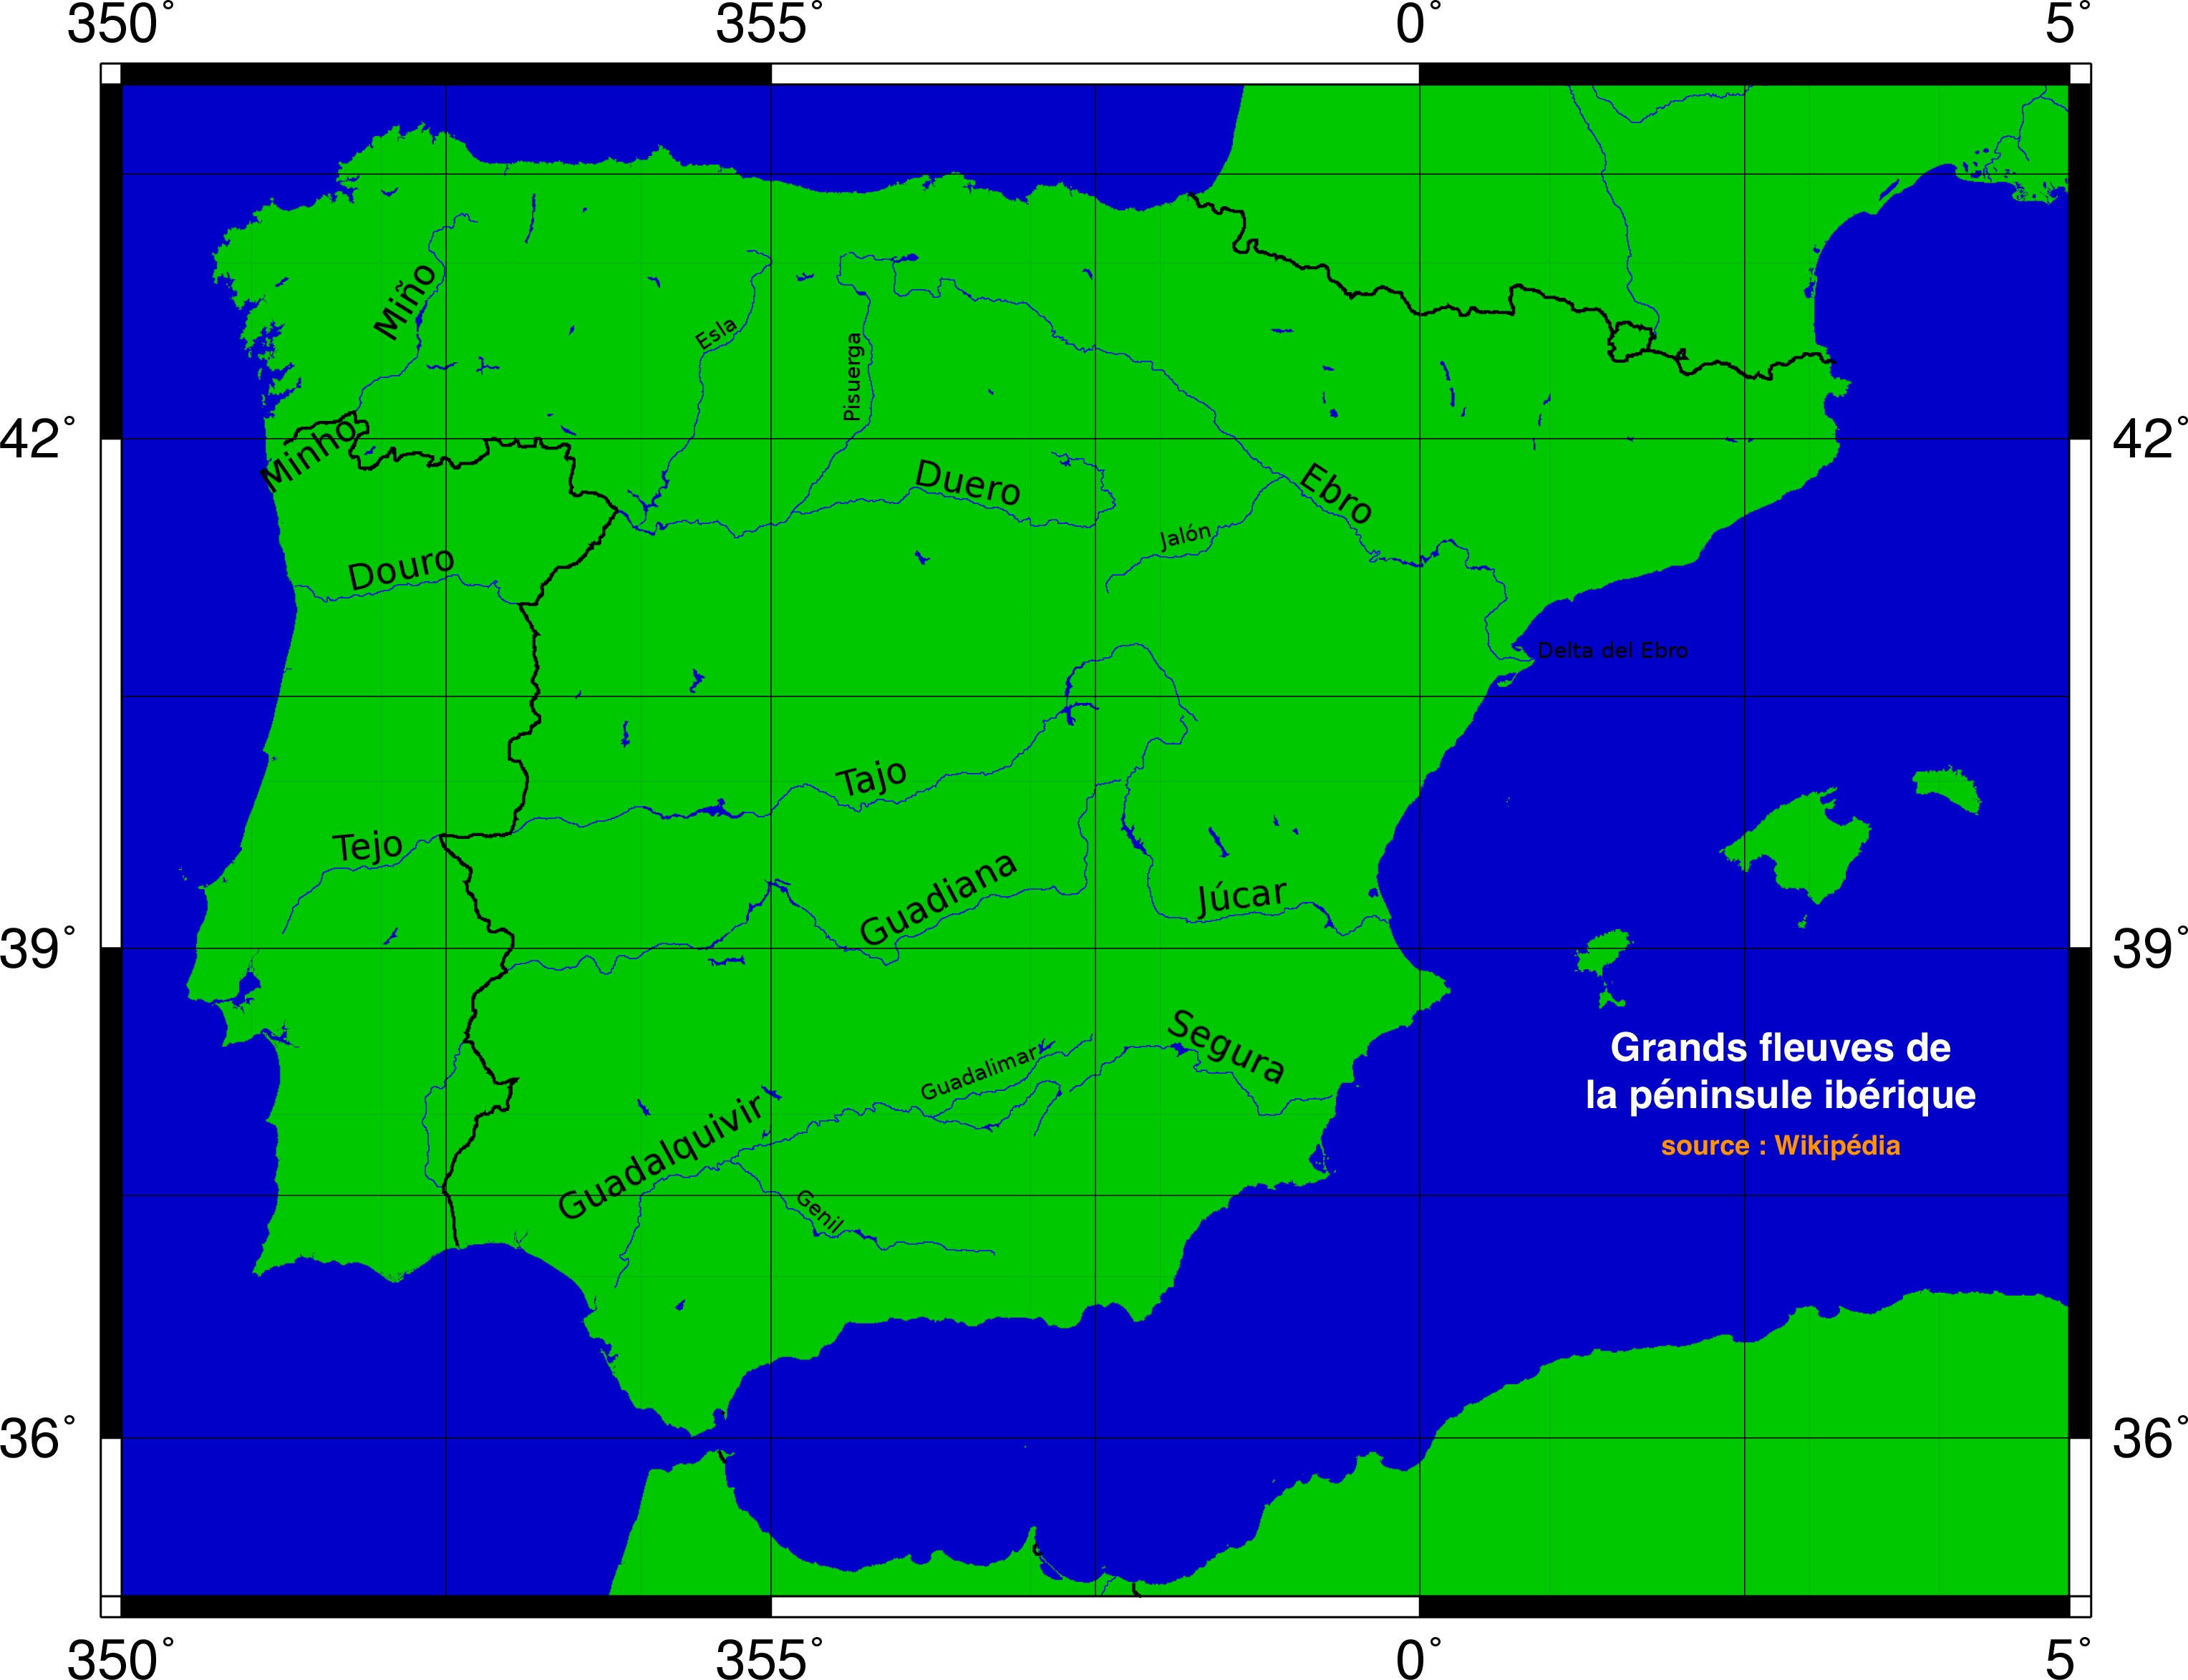 4 grands fleuves de la péninsule ibériques sont internationaux. Le Miño reste loin de la ligne A/M.